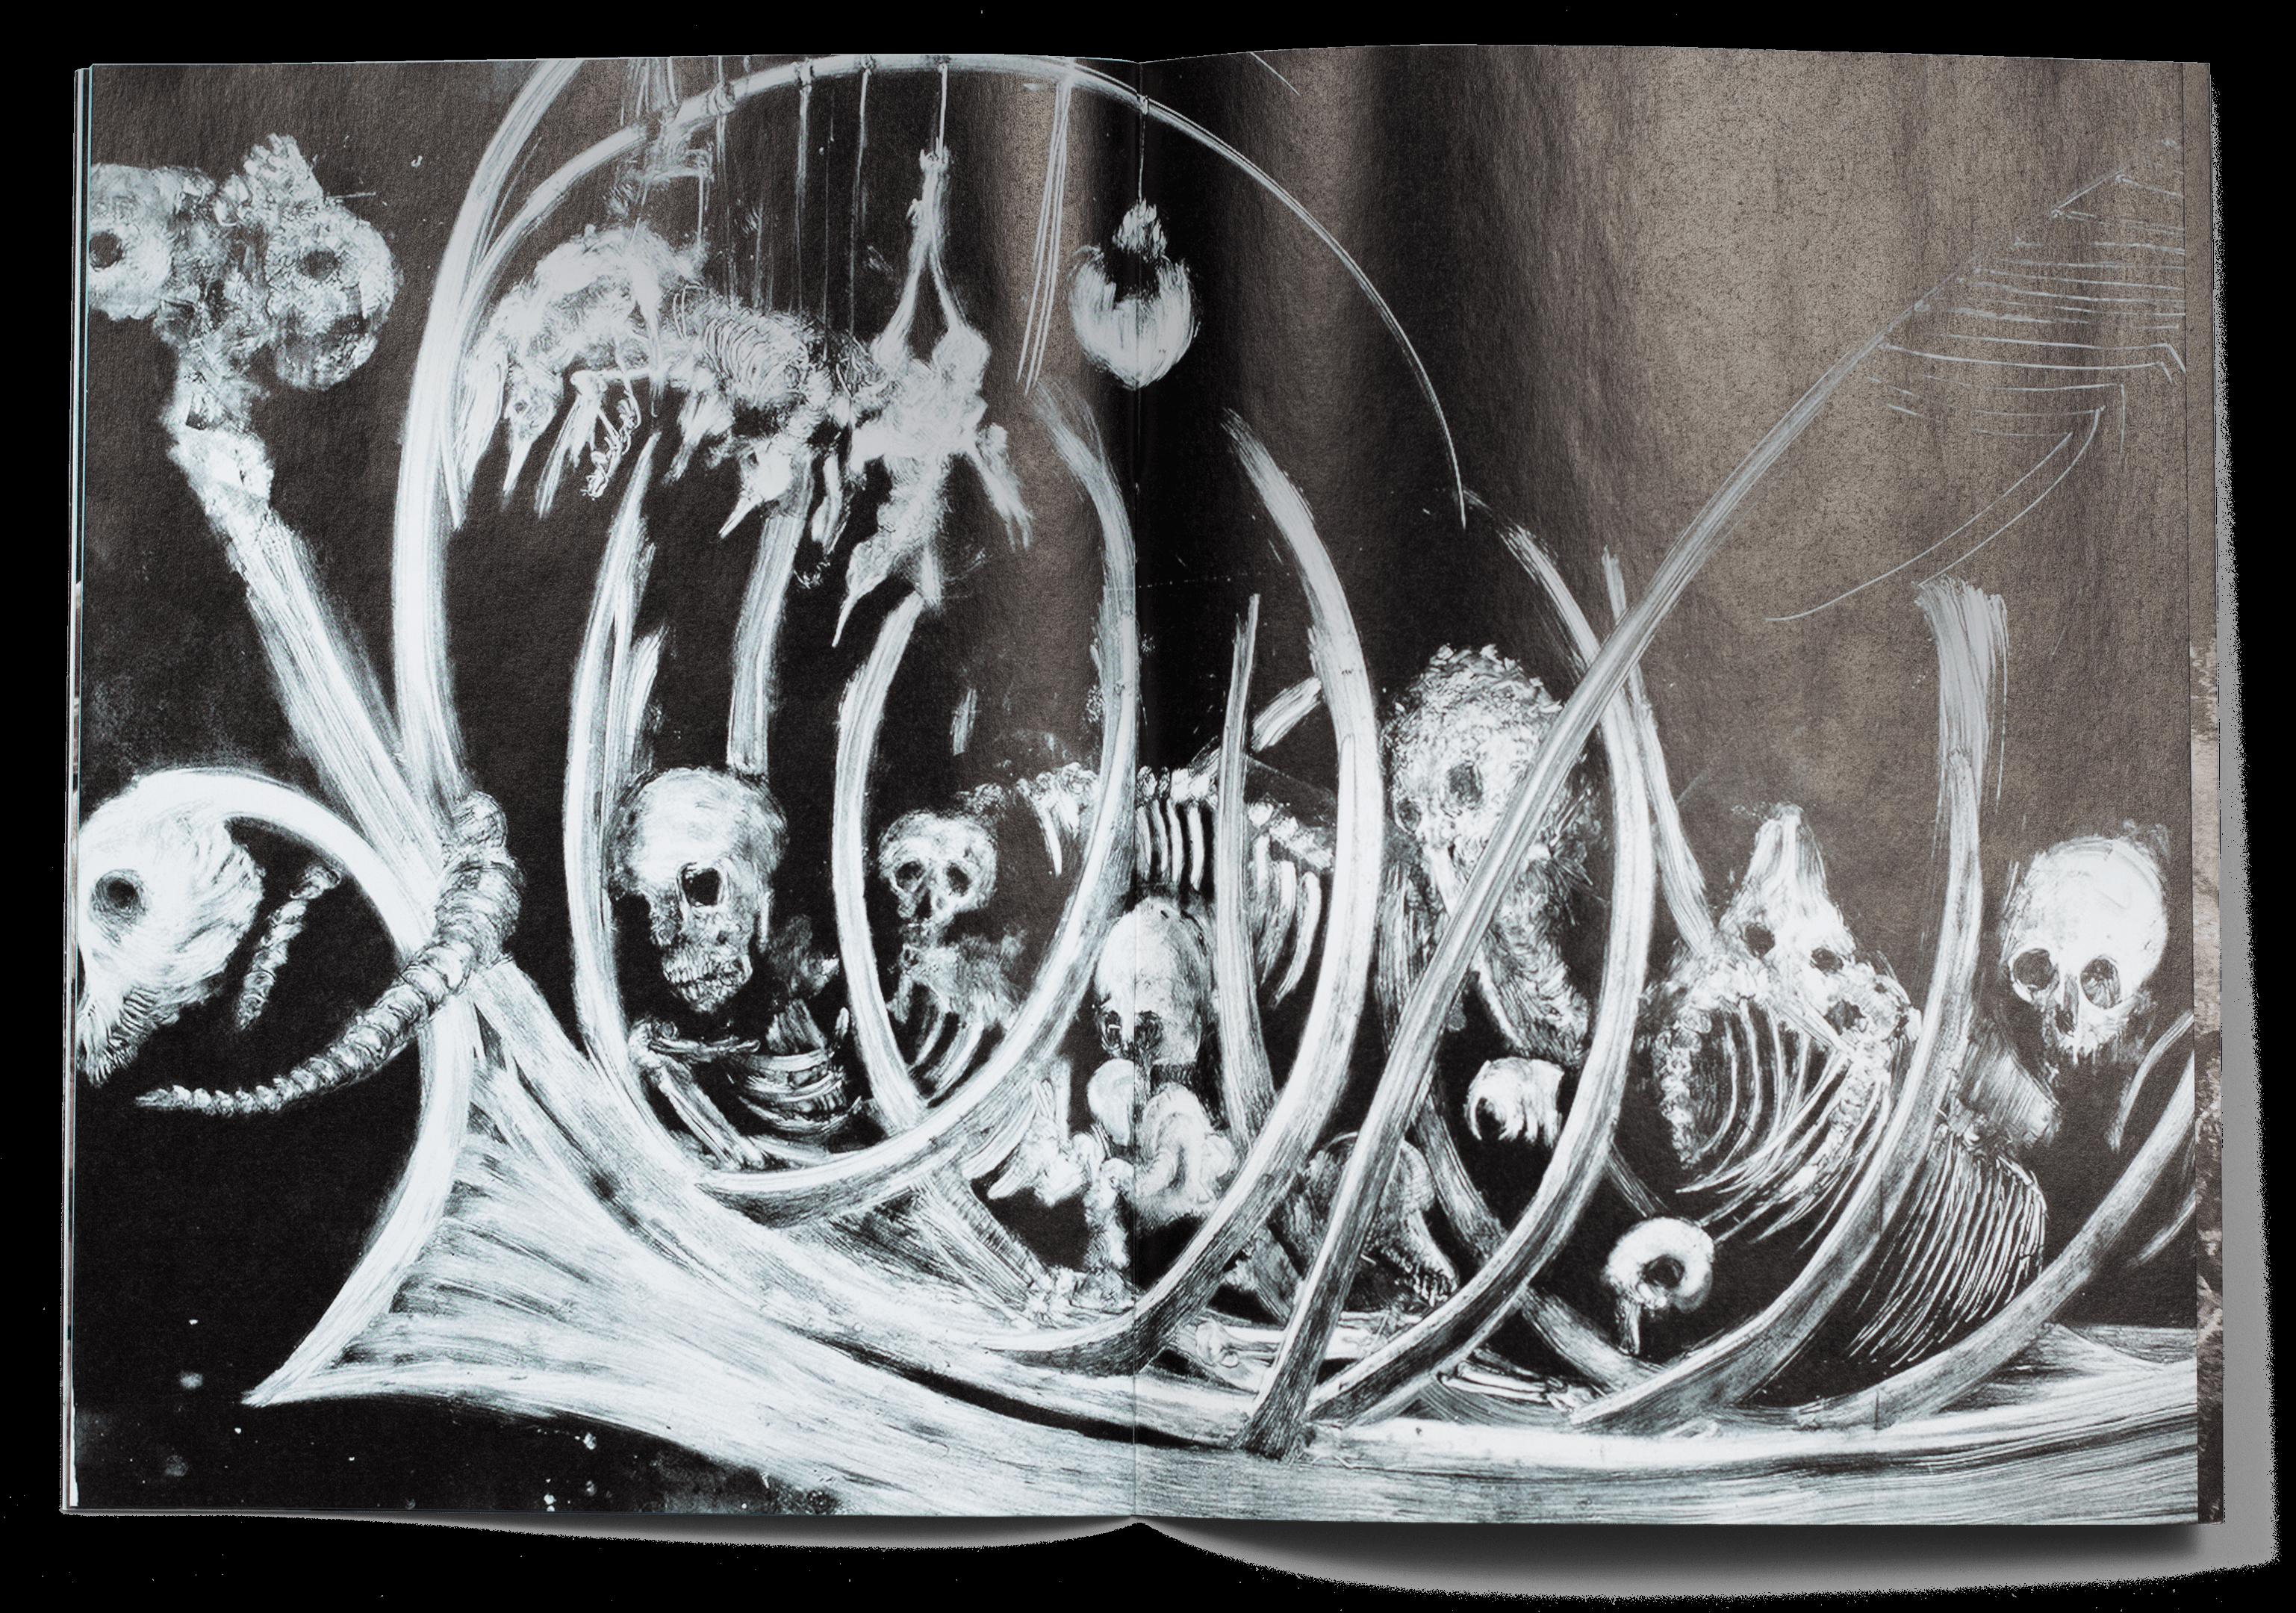 Double page de la brochure de l'exposition de Pascale Allaman, Christine Boillat, Christine Sefolosha et Ghyslaine & Sylvain Staëlens